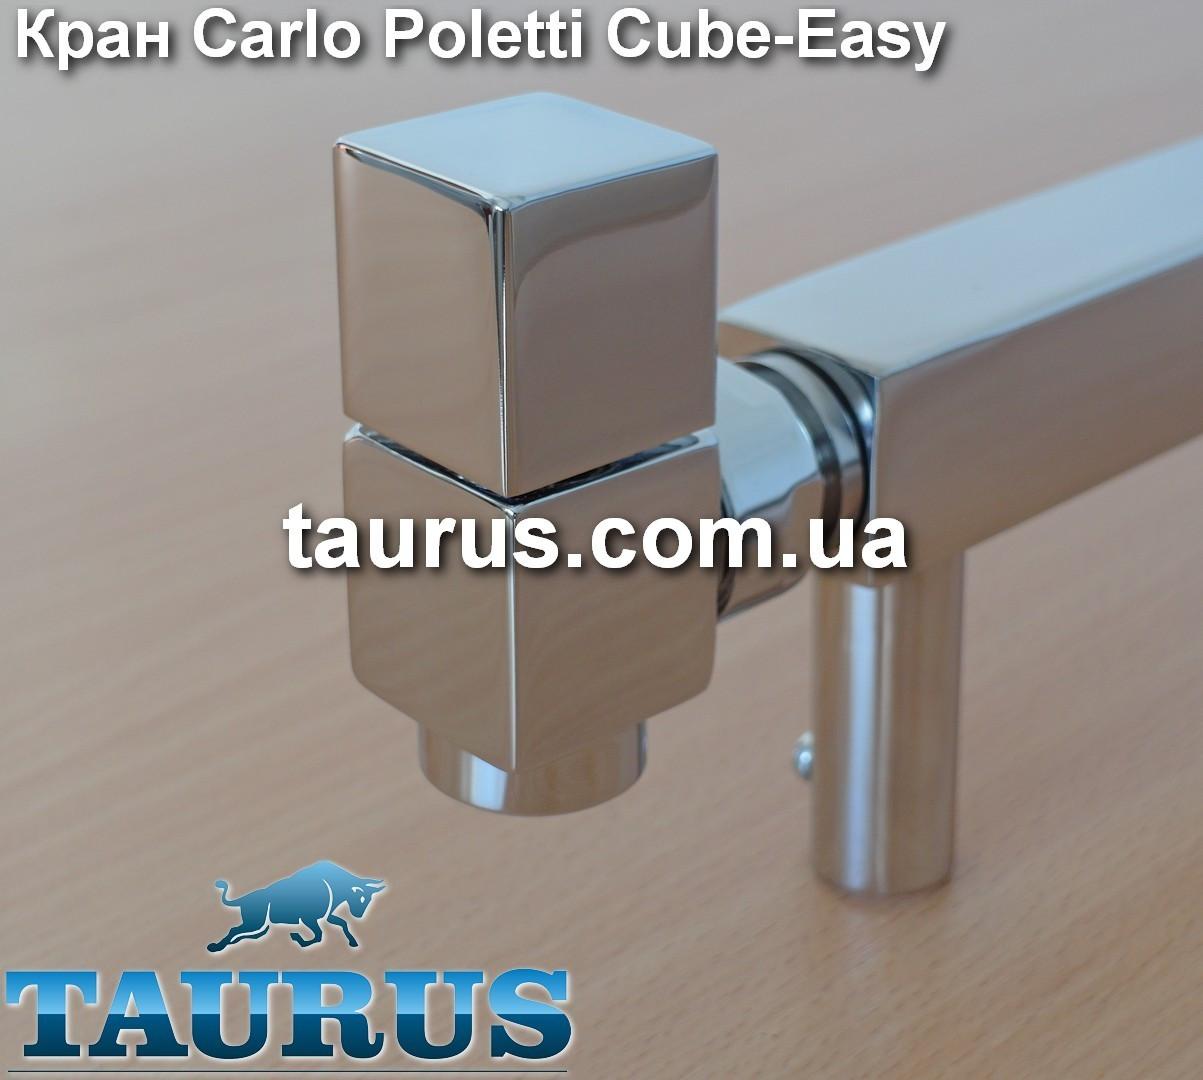 Кран квадратний кутовий Carlo Poletti Cube-Easy 30х30 (Італія) з американкою для рушникосушок 1/2